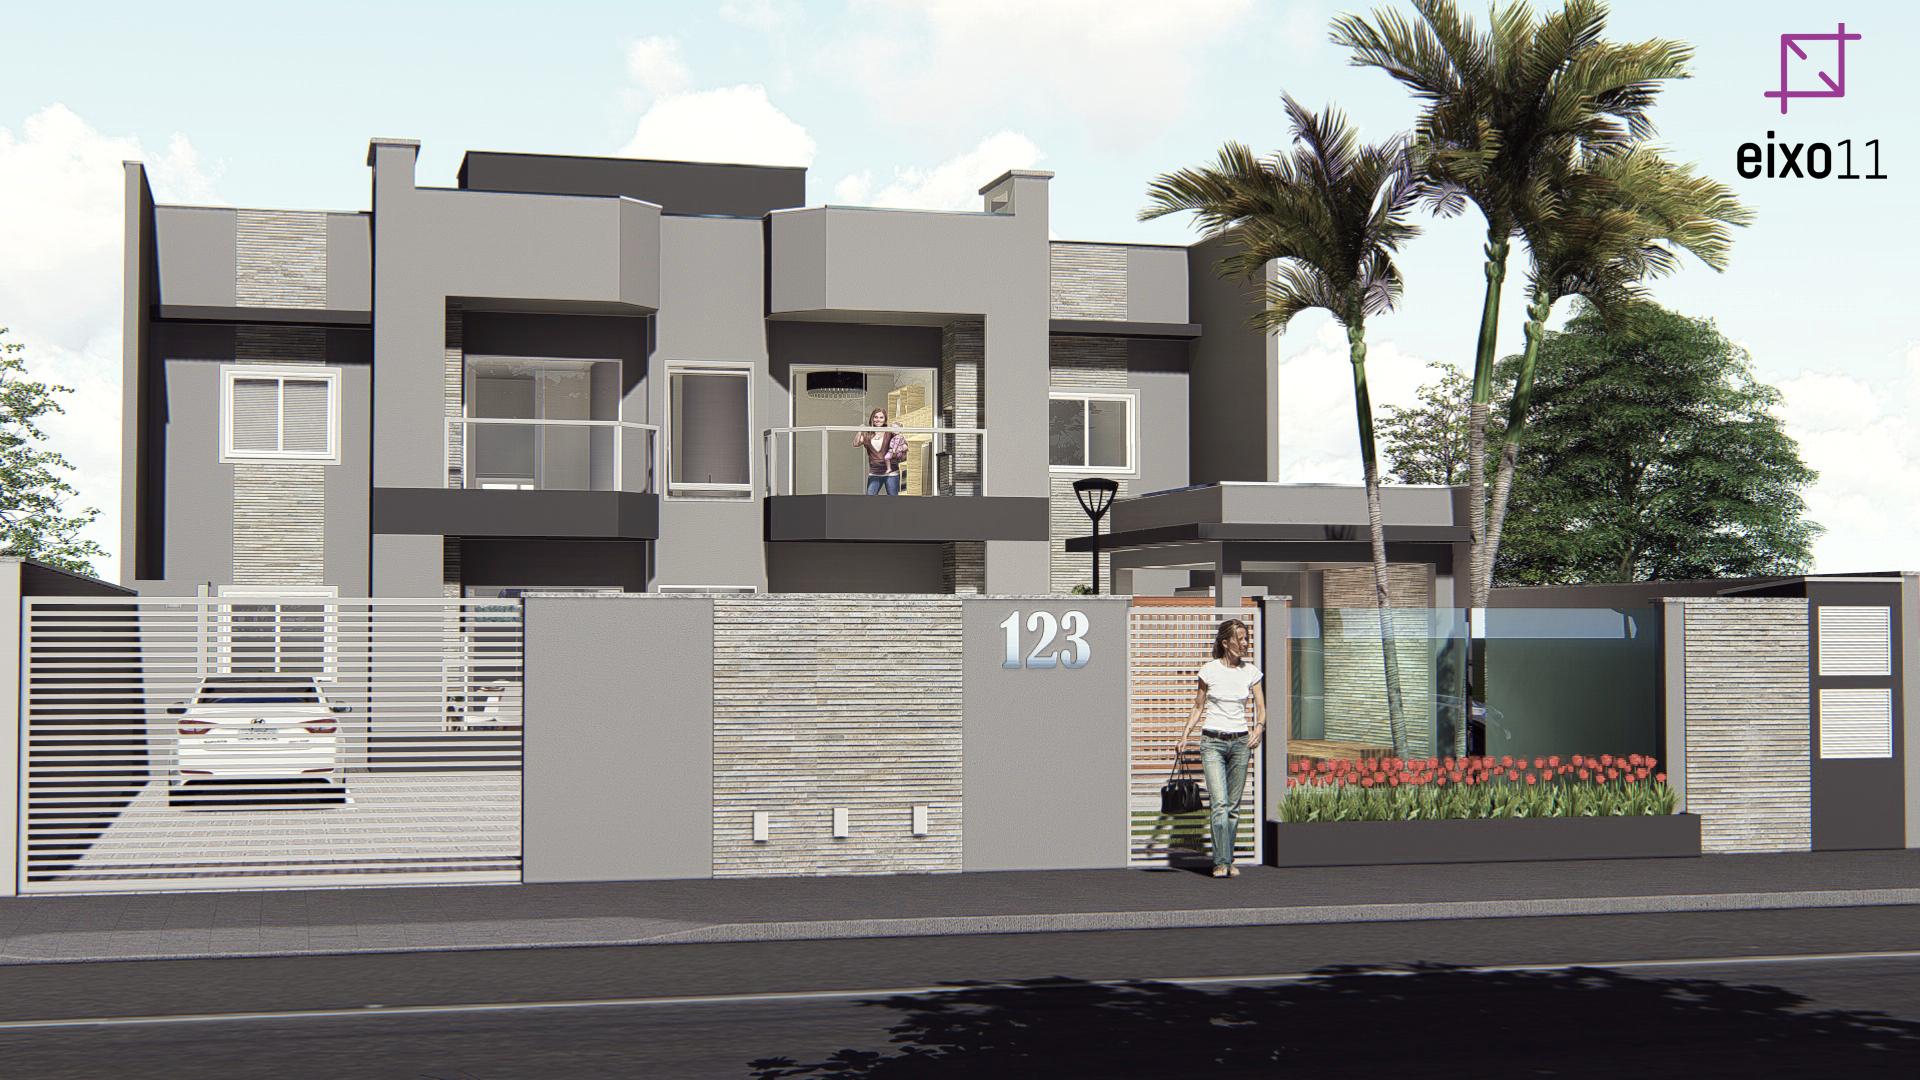 Projeto de edifício multifamiliar